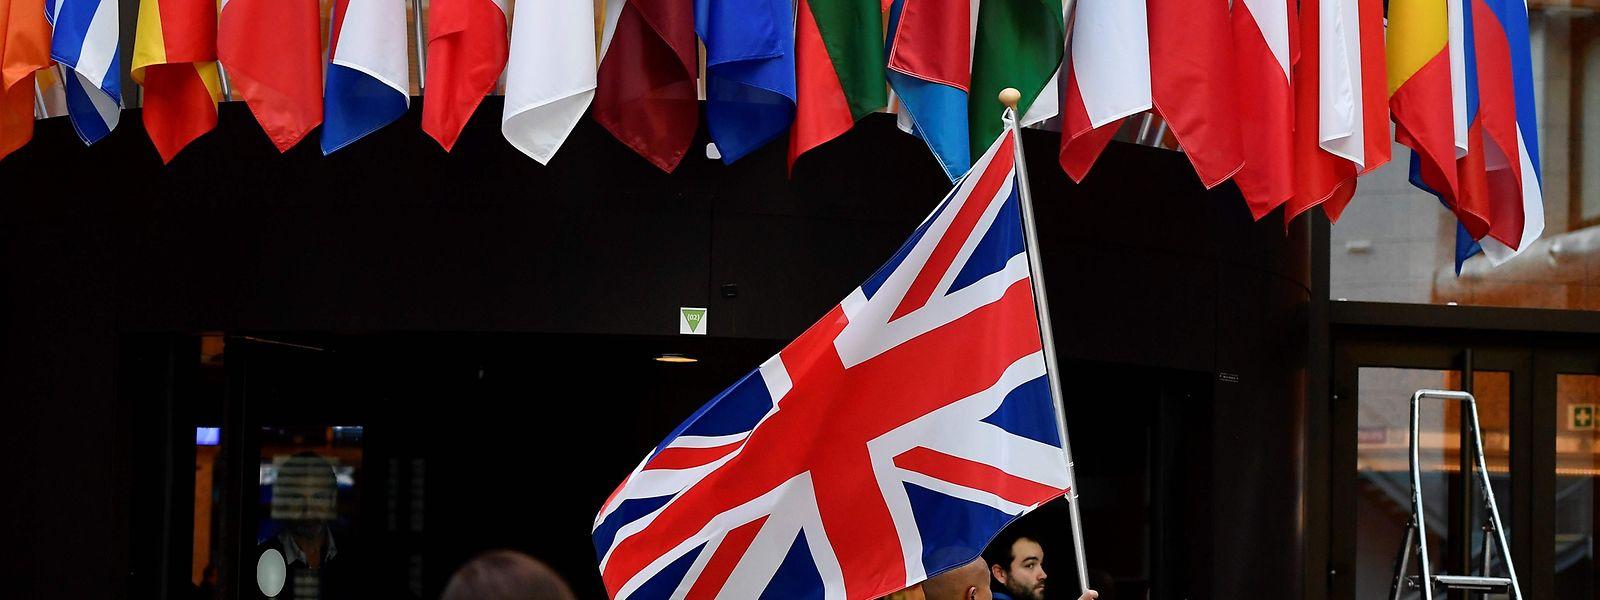 Après de longues tractations durant le week-end et une dernière réunion lundi, les ambassadeurs des 27 pays de l'UE ont décidé d'un report de trois mois du Brexit.